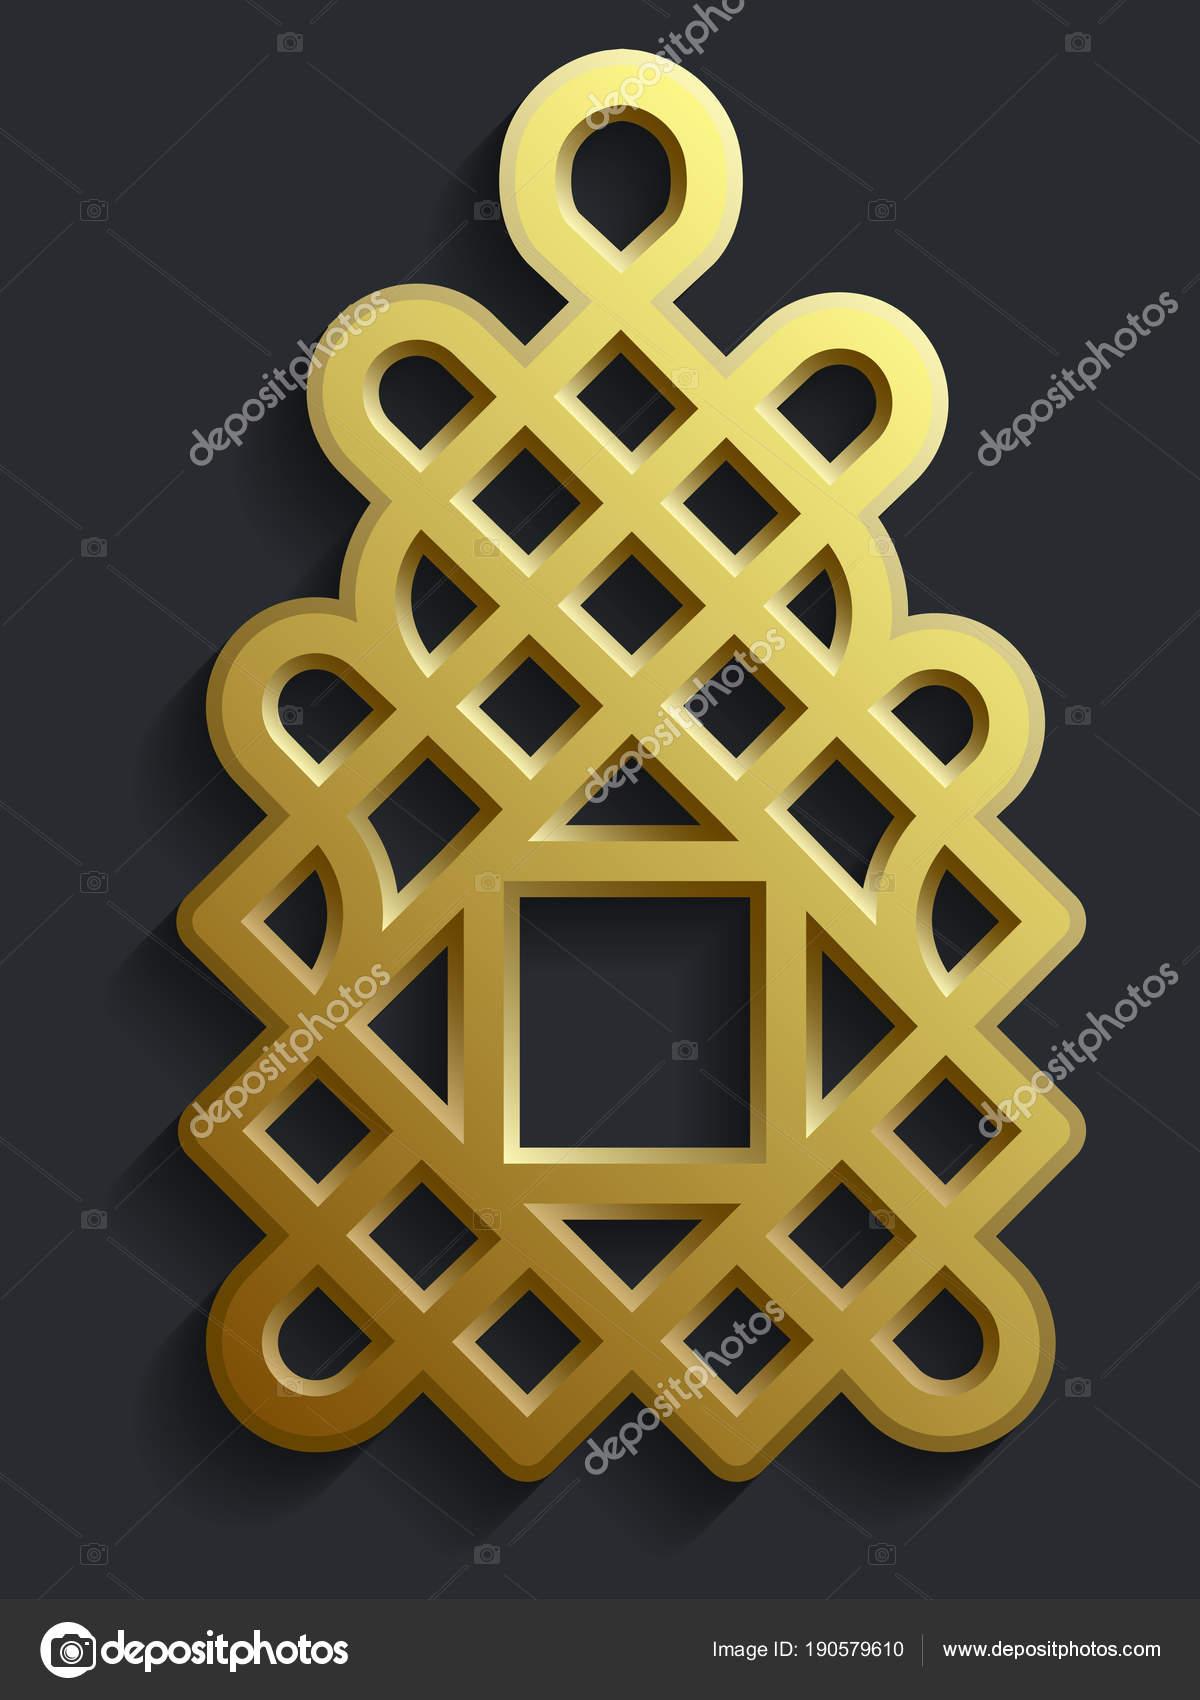 Islamische Orientalische Muster Abstrakte Vektorelement Des